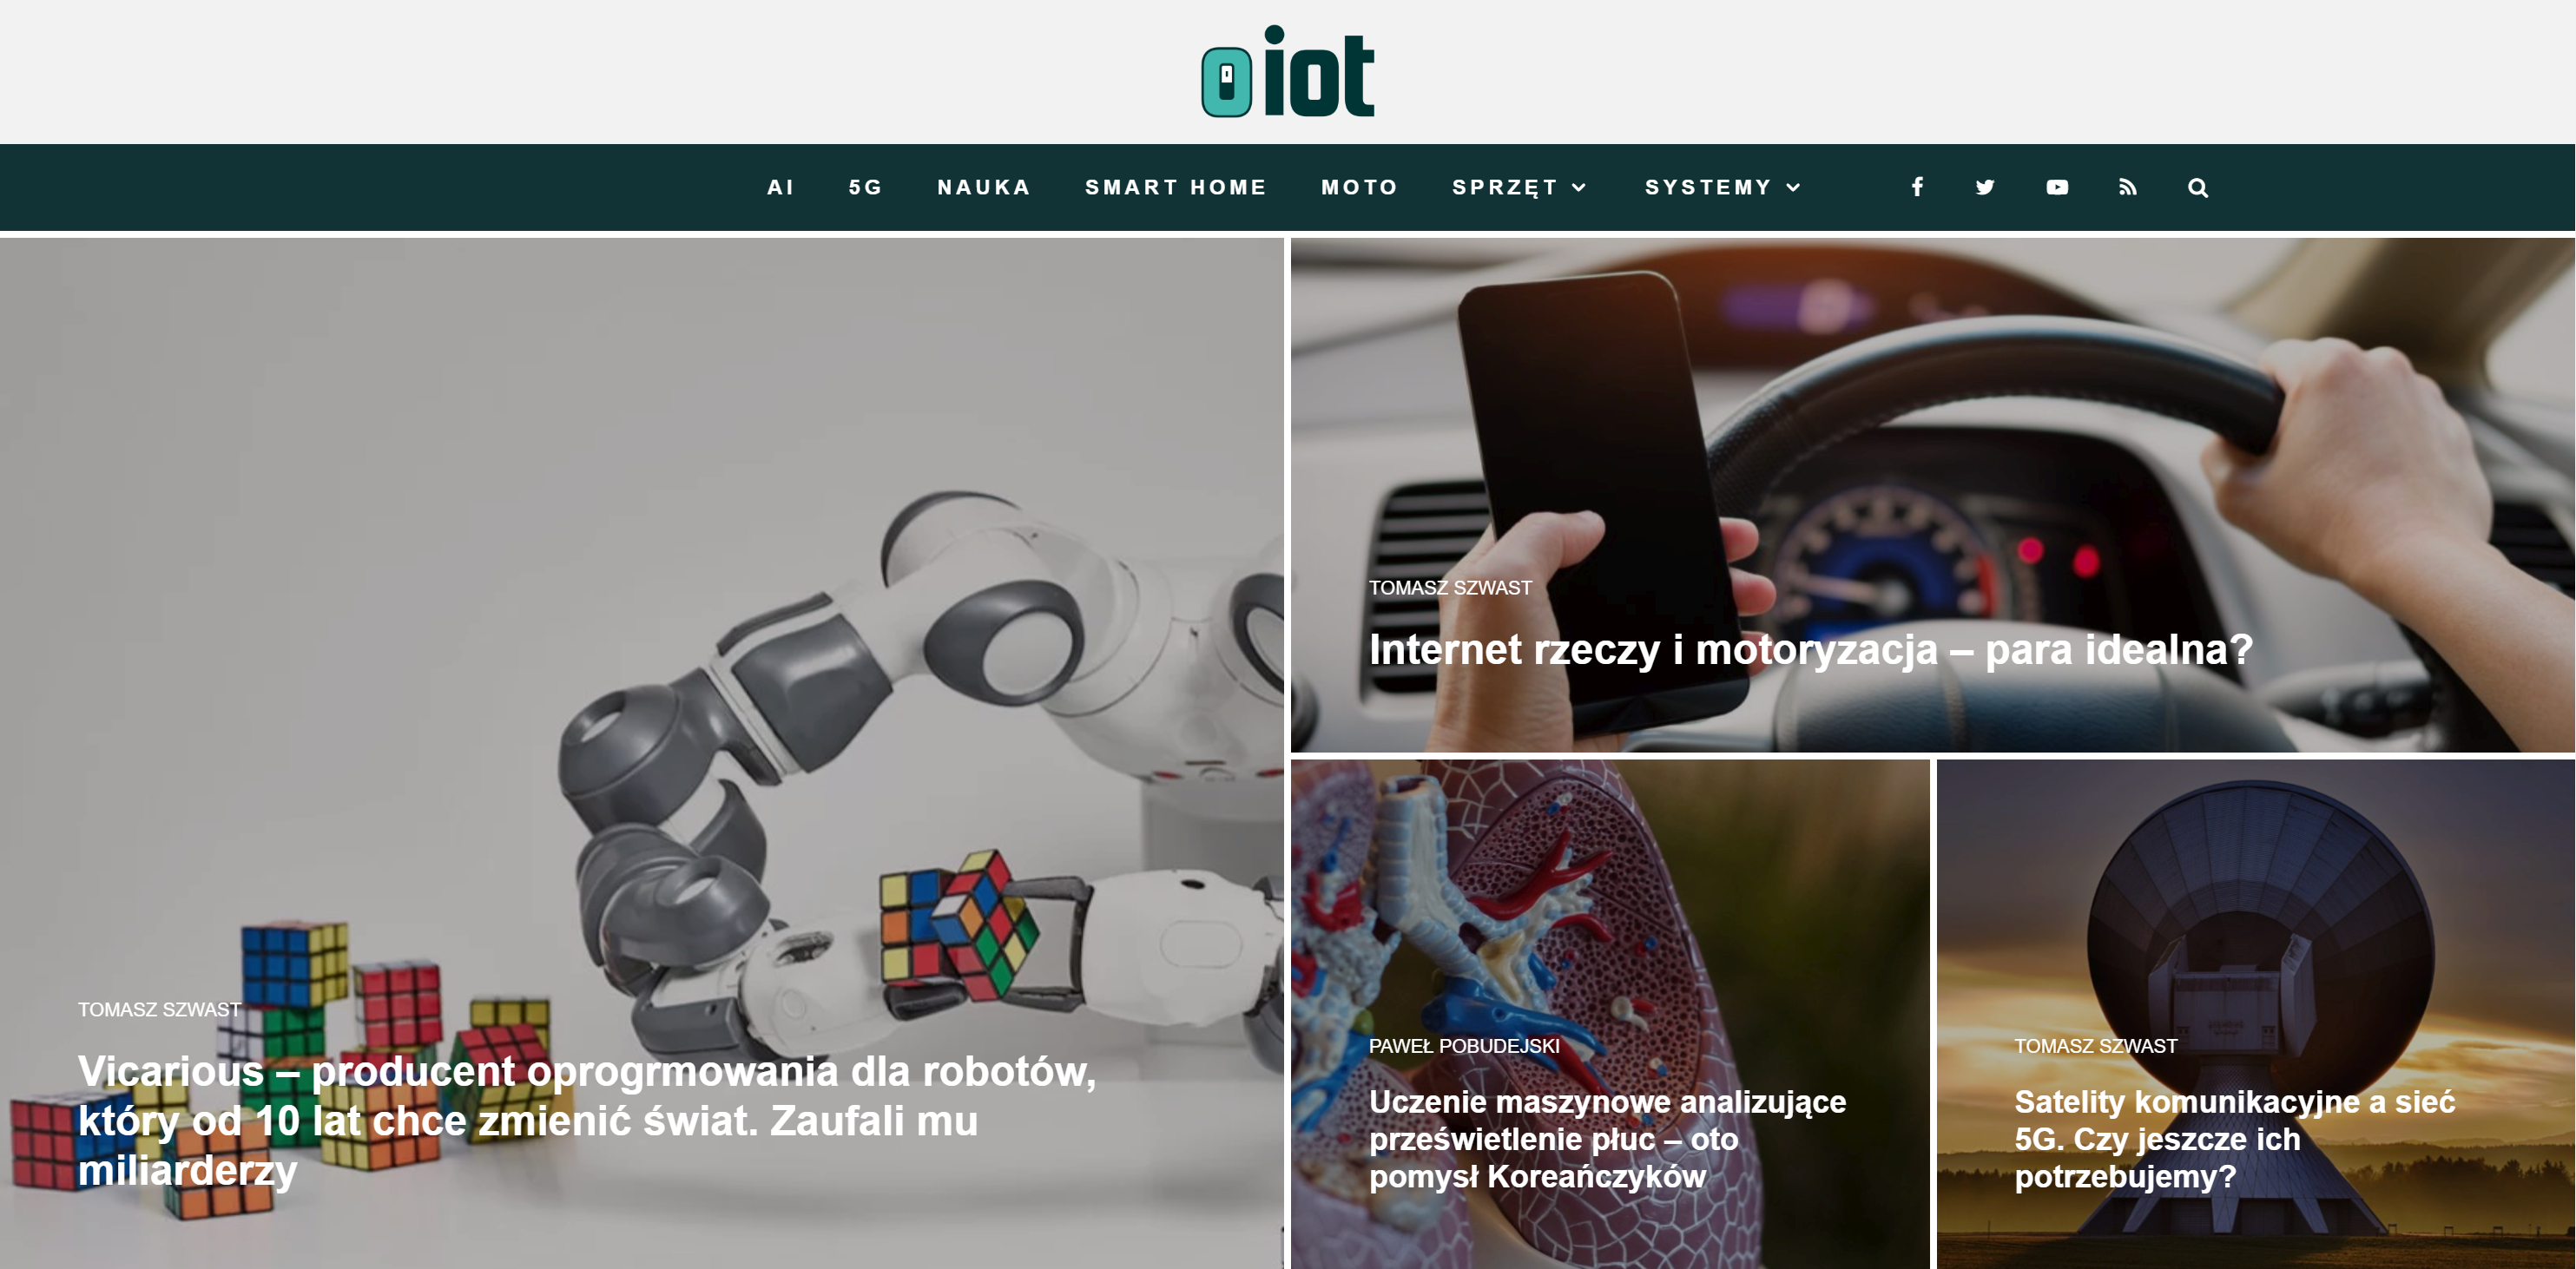 Startujemy z nowym projektem! Zapraszamy na oiot.pl